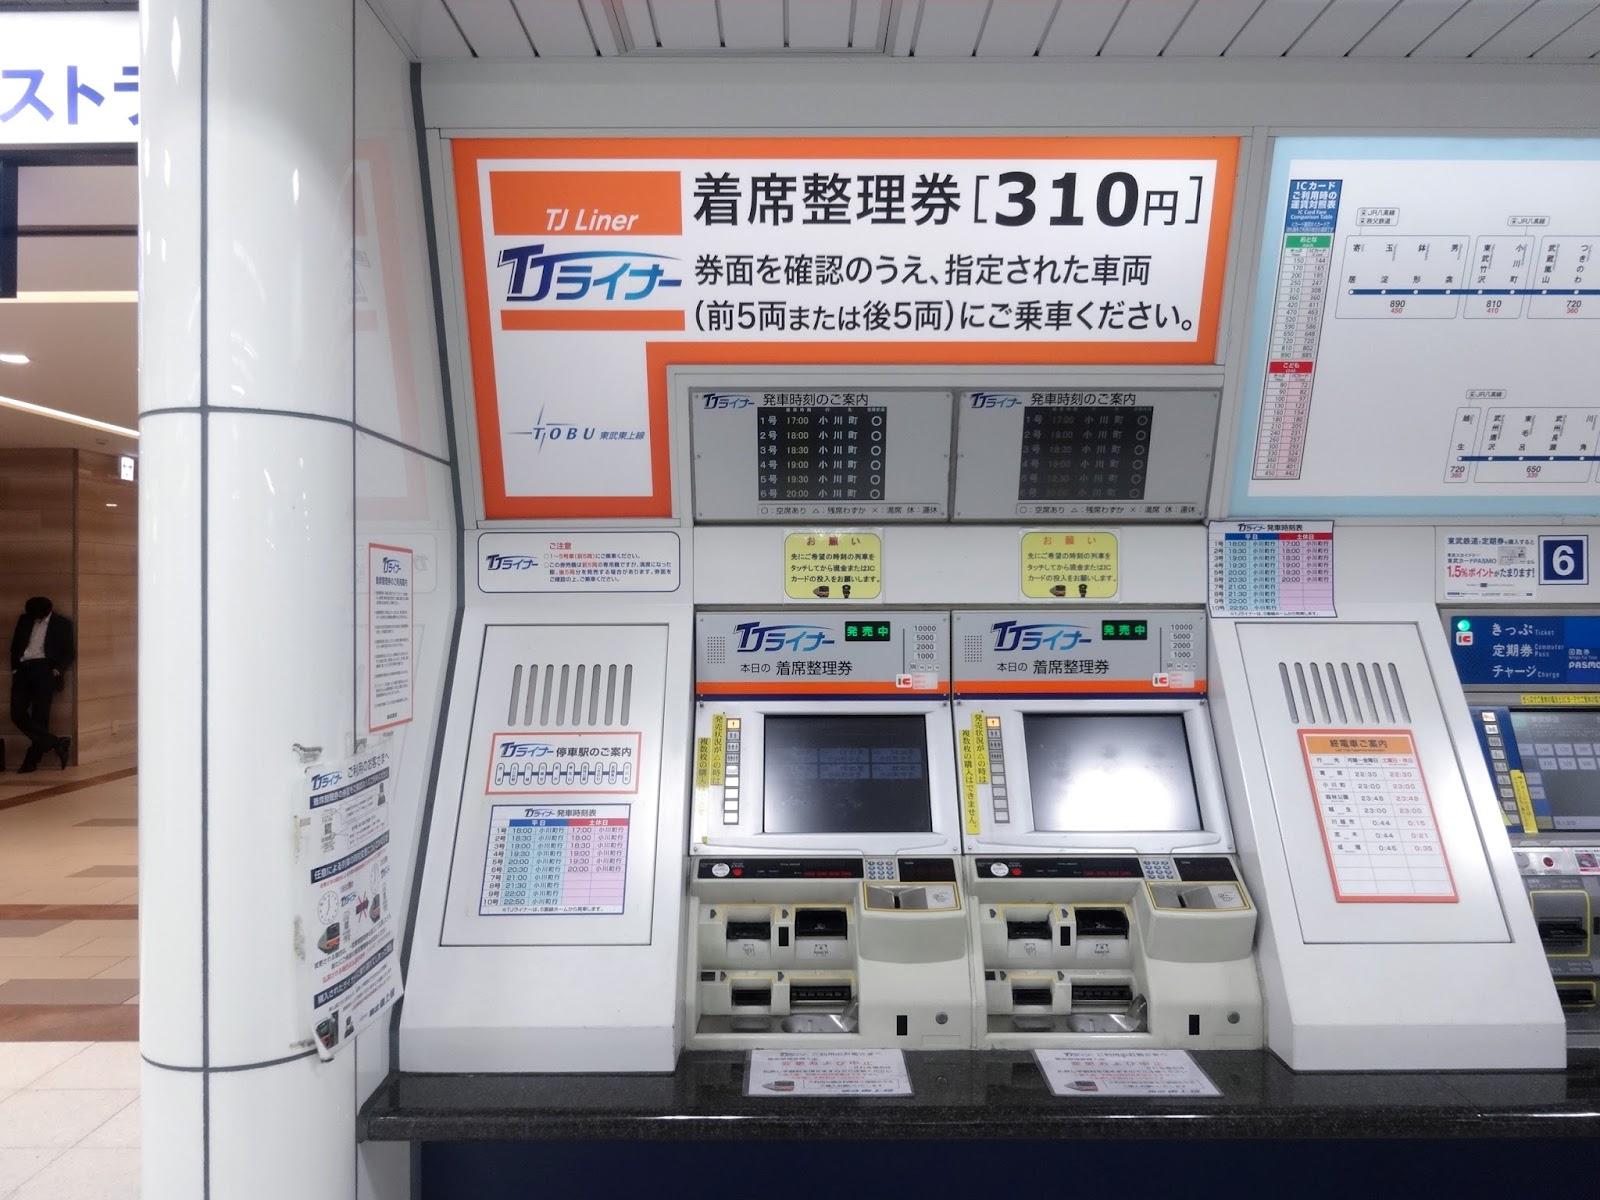 切符売場,東武池袋駅〈著作権フリー画像〉Free Stock Photos